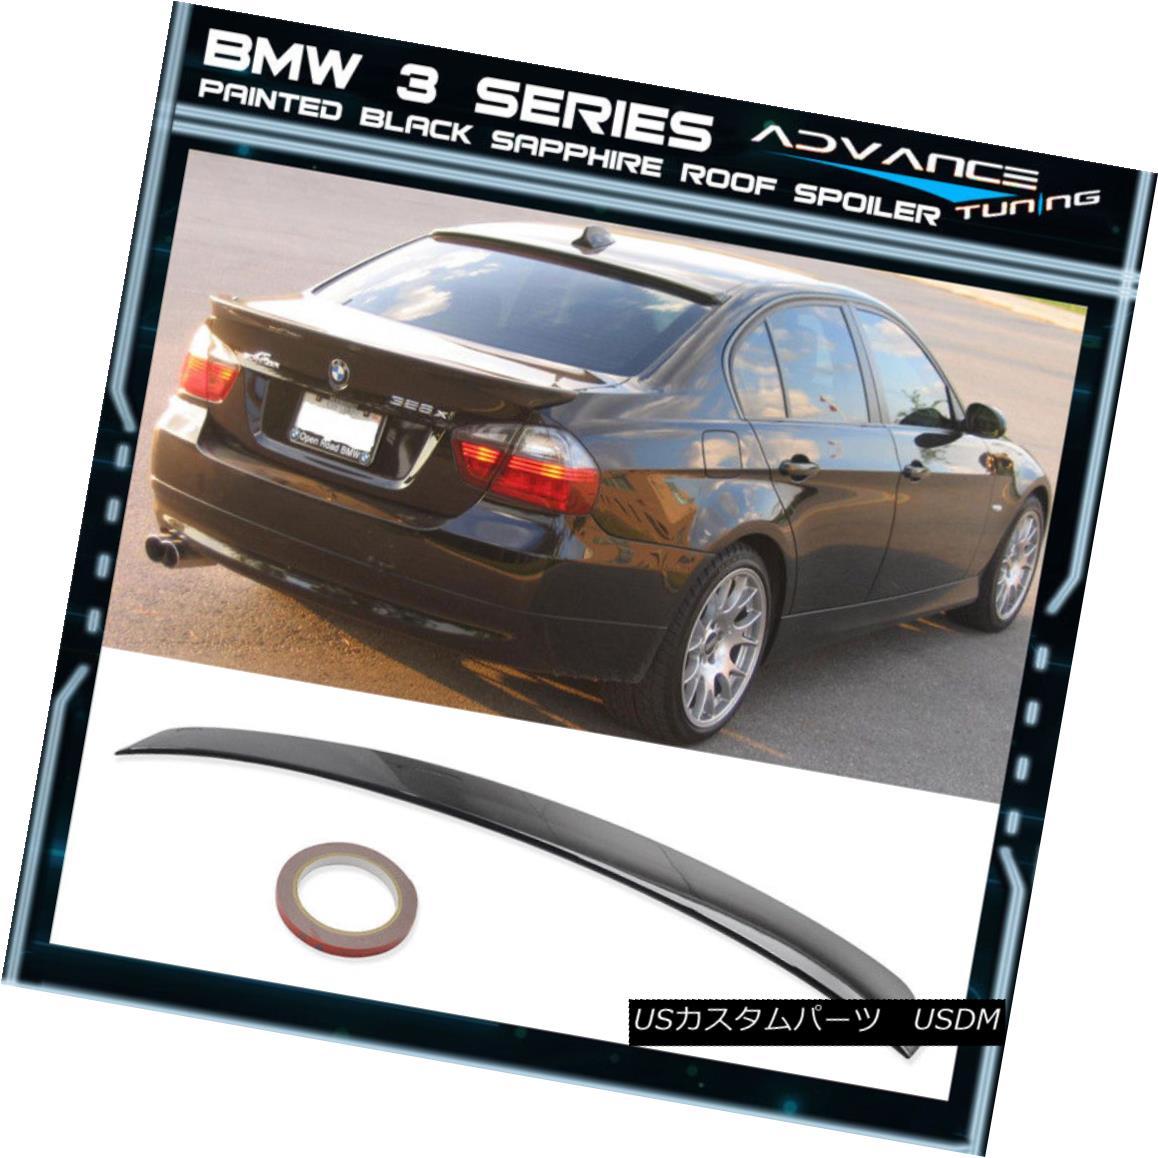 エアロパーツ 06-11 BMW 3 Series Roof Spoiler OEM Painted Color Black Sapphire Metallic #475 06-11 BMW 3シリーズルーフスポイラーOEM塗装カラーブラックサファイヤーメタリック#475